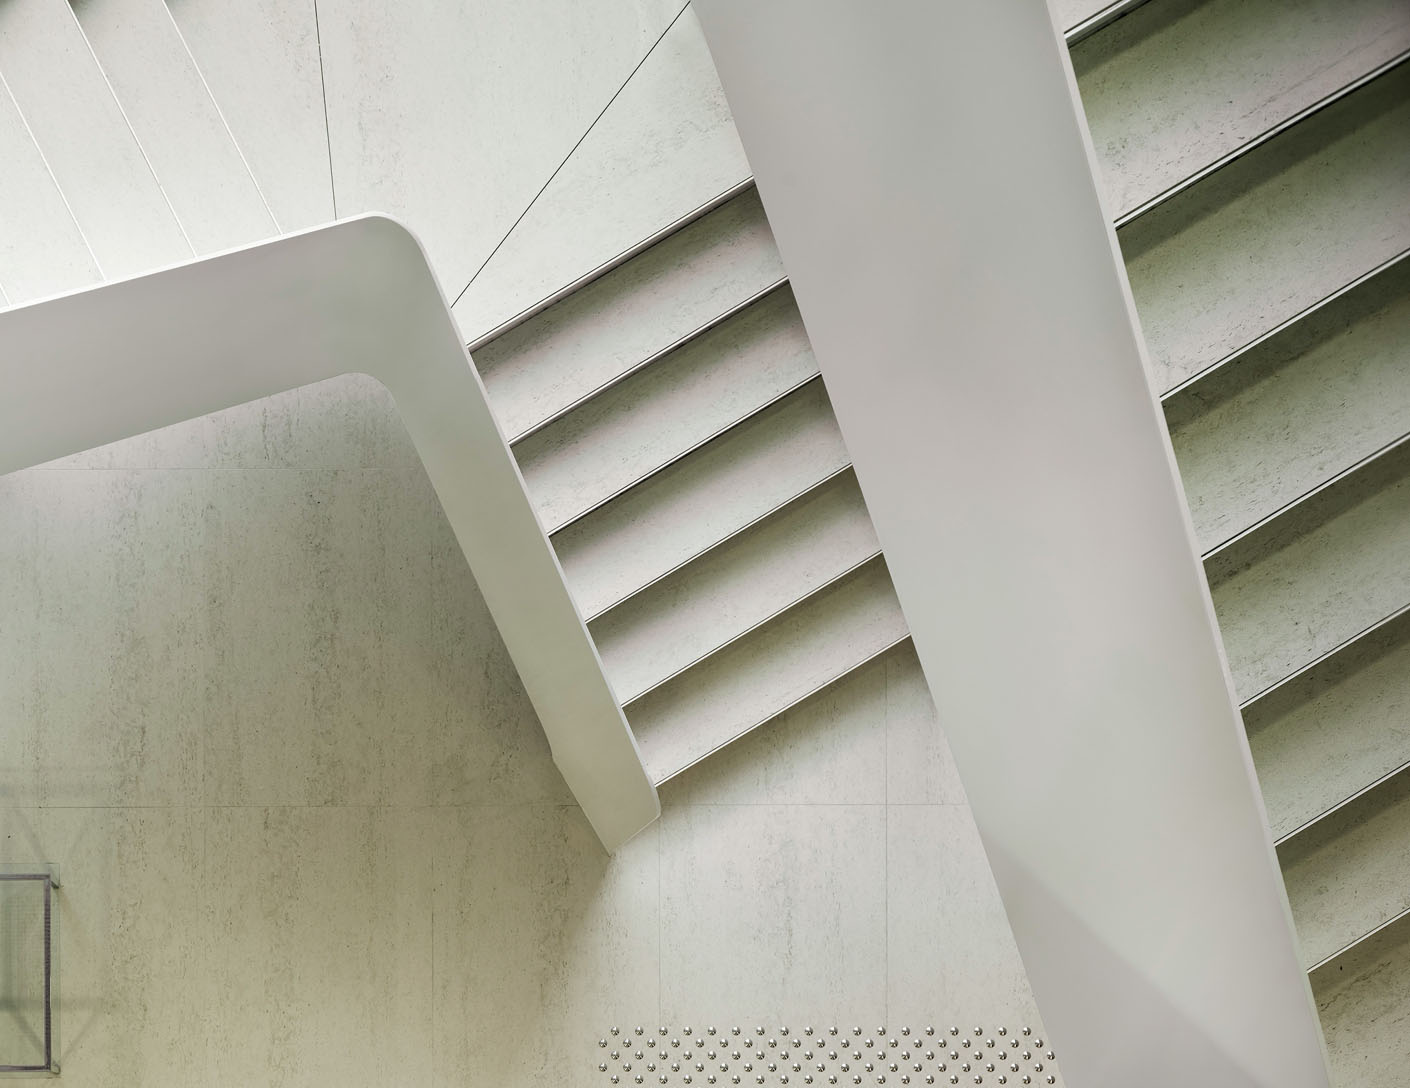 Image of sol arq suelos y pav escaleras in Fußbodenbelag - Cosentino